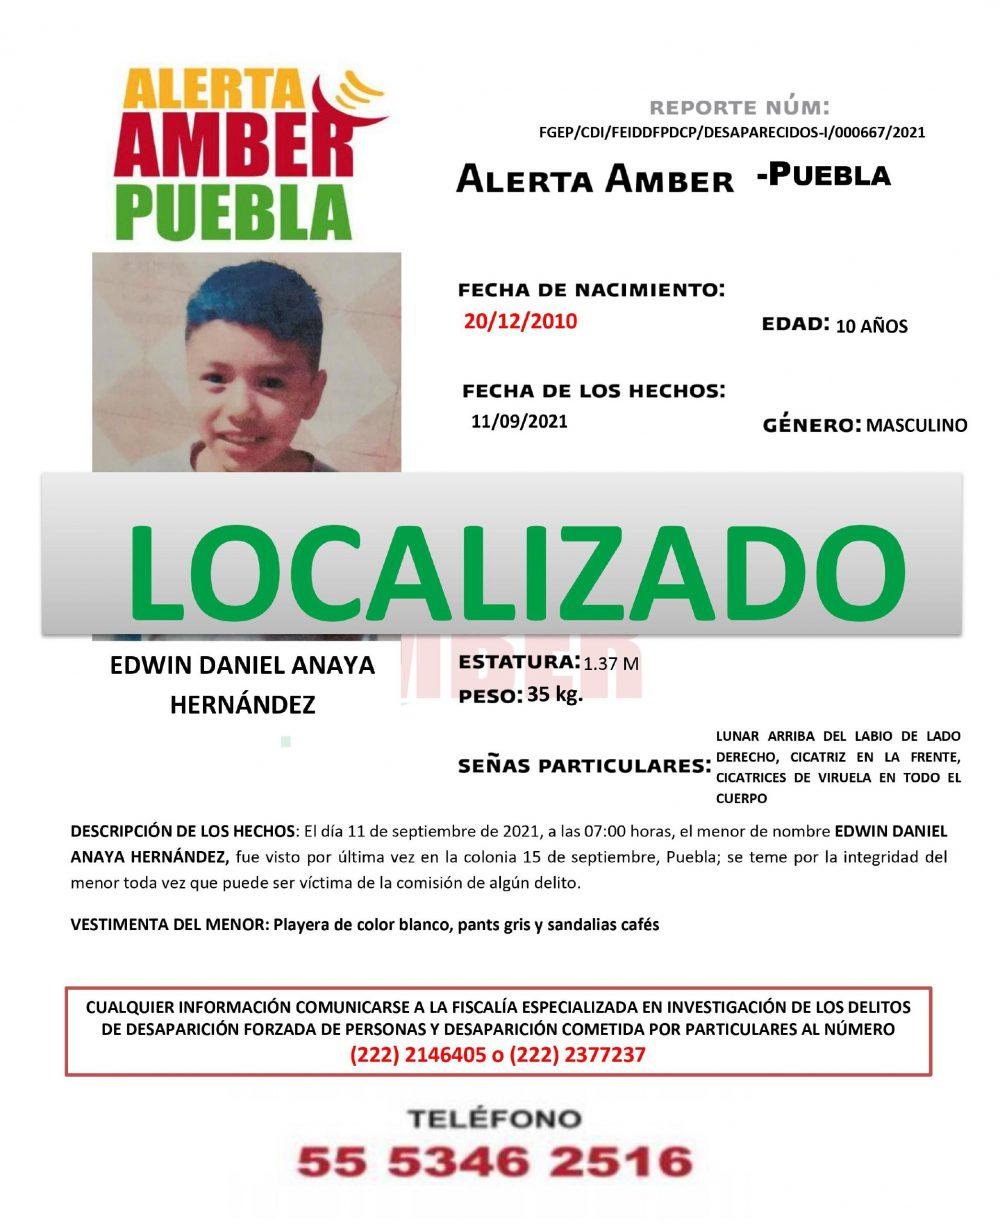 Resultado de Alerta Amber se localizó ileso a menor de 10 años de edad